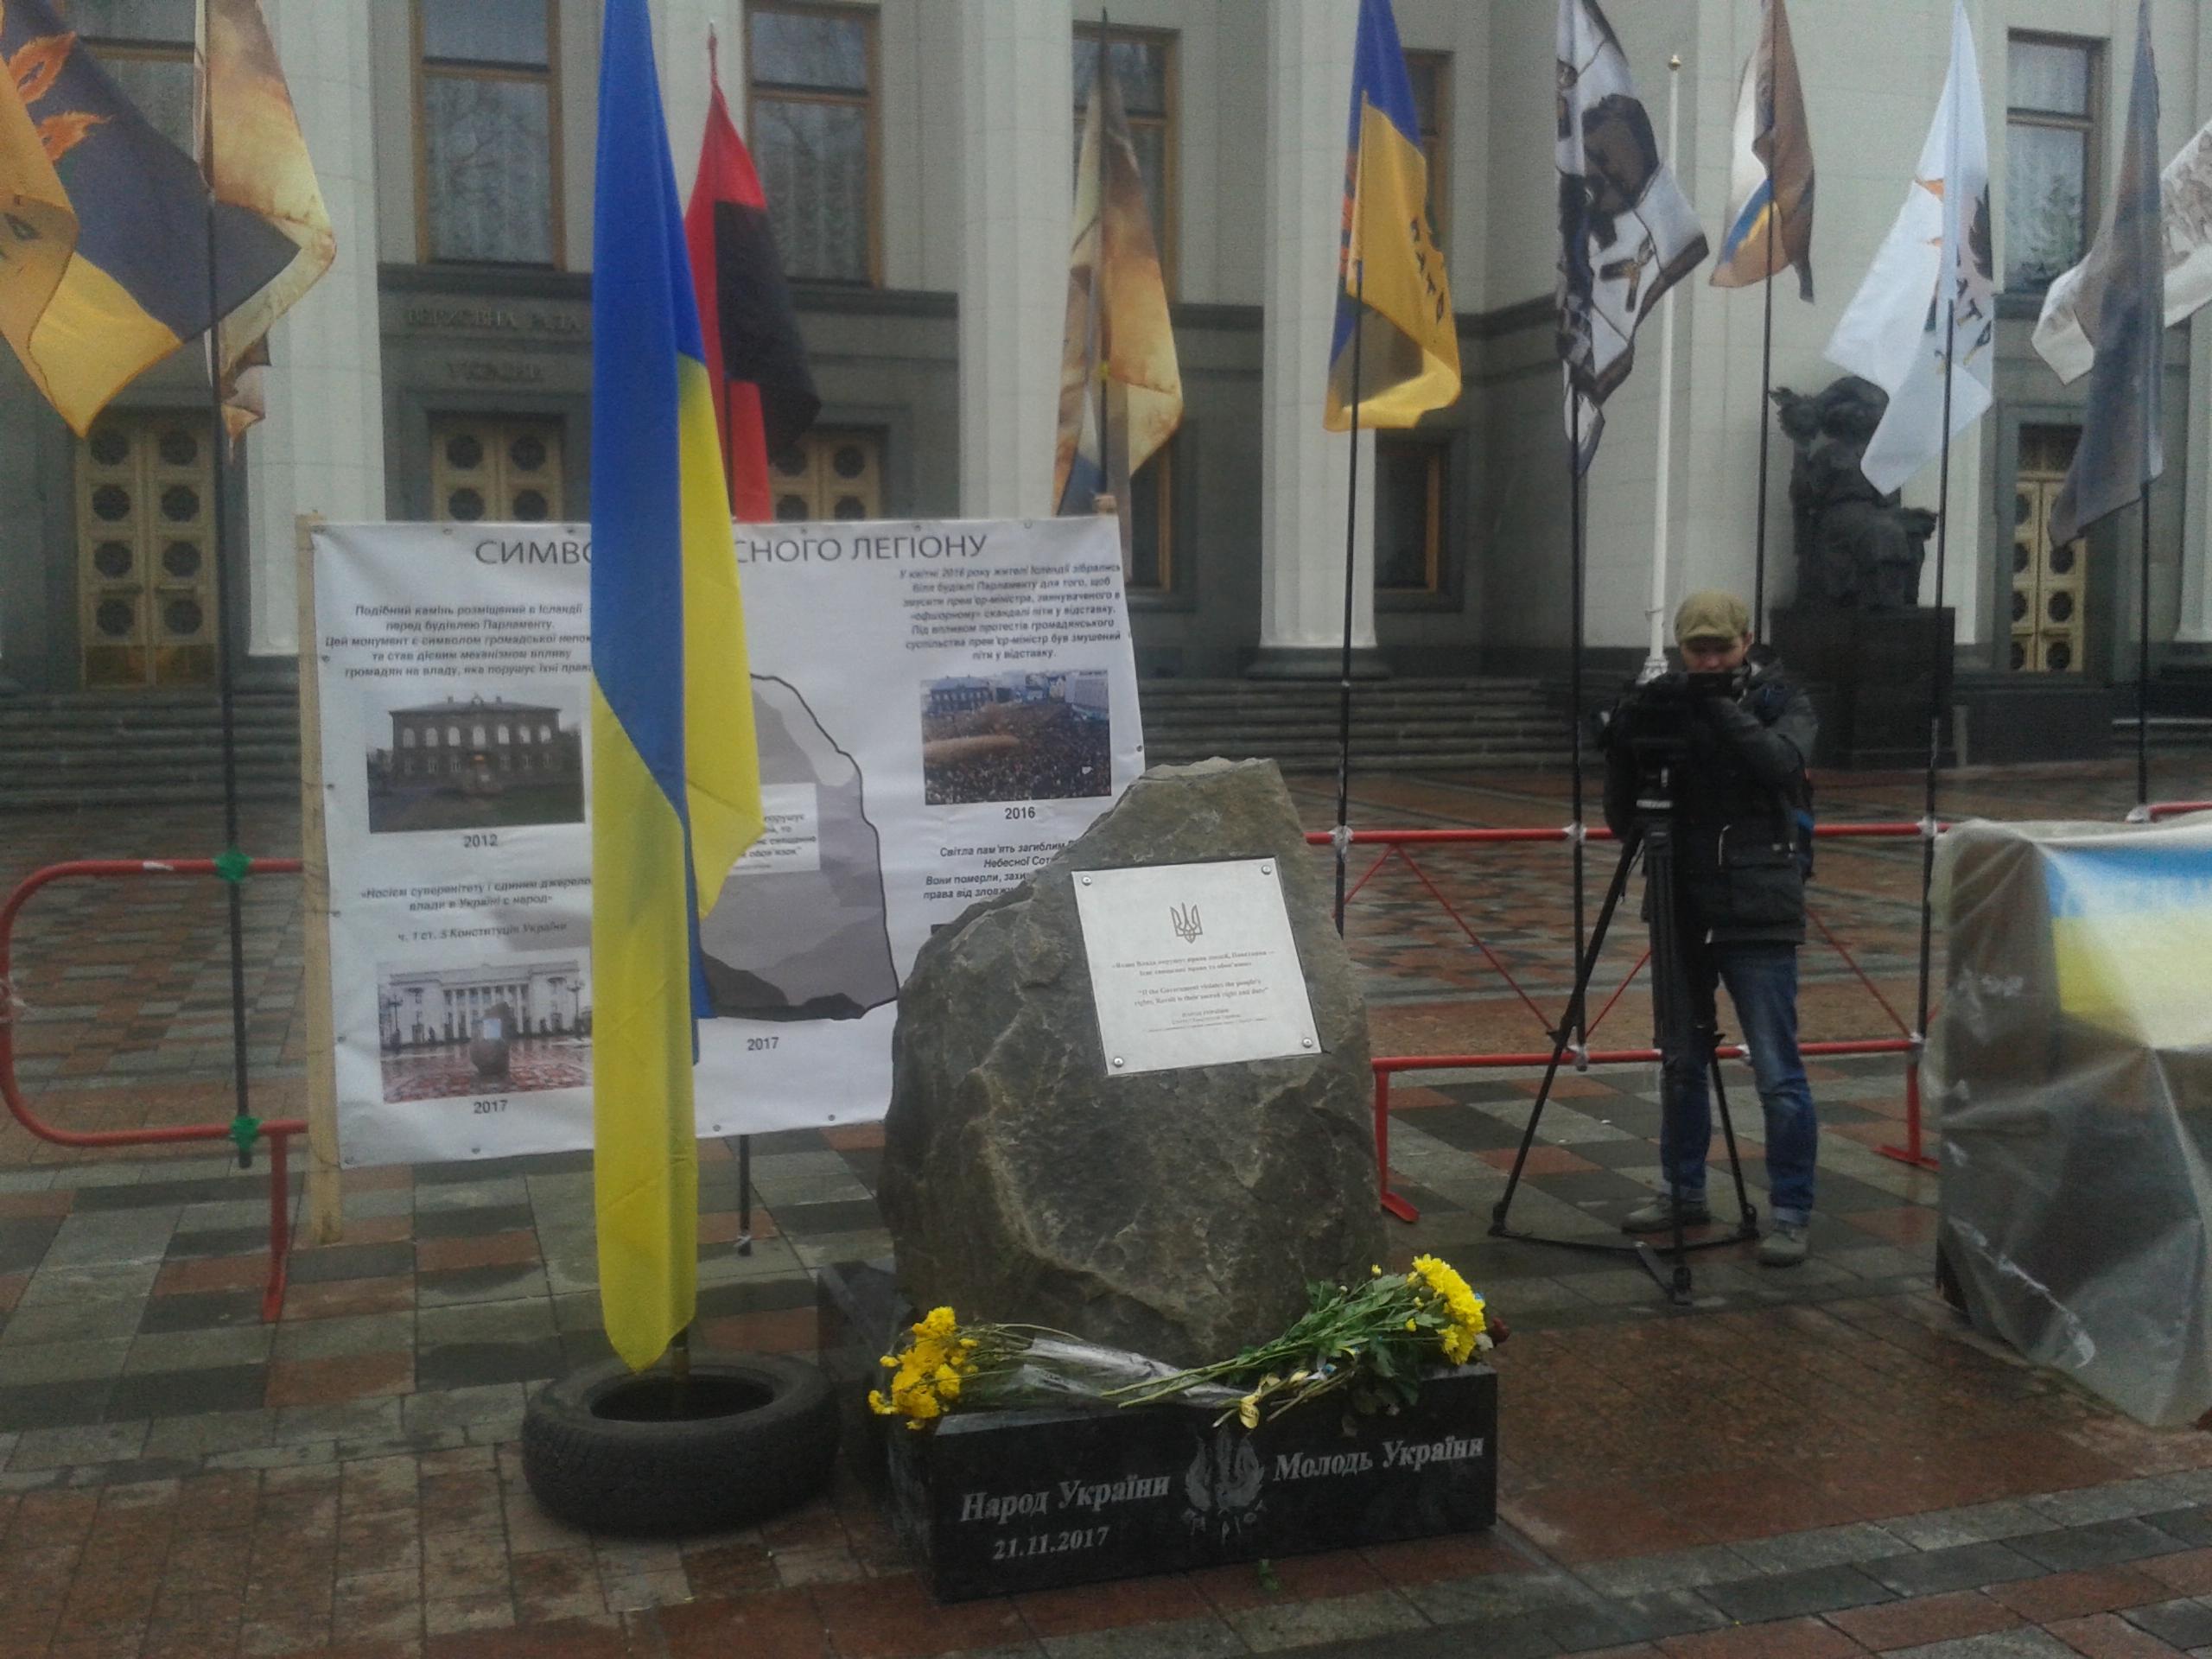 В Киеве у стен Рады установили монумент Небесной Сотне (ФОТО)